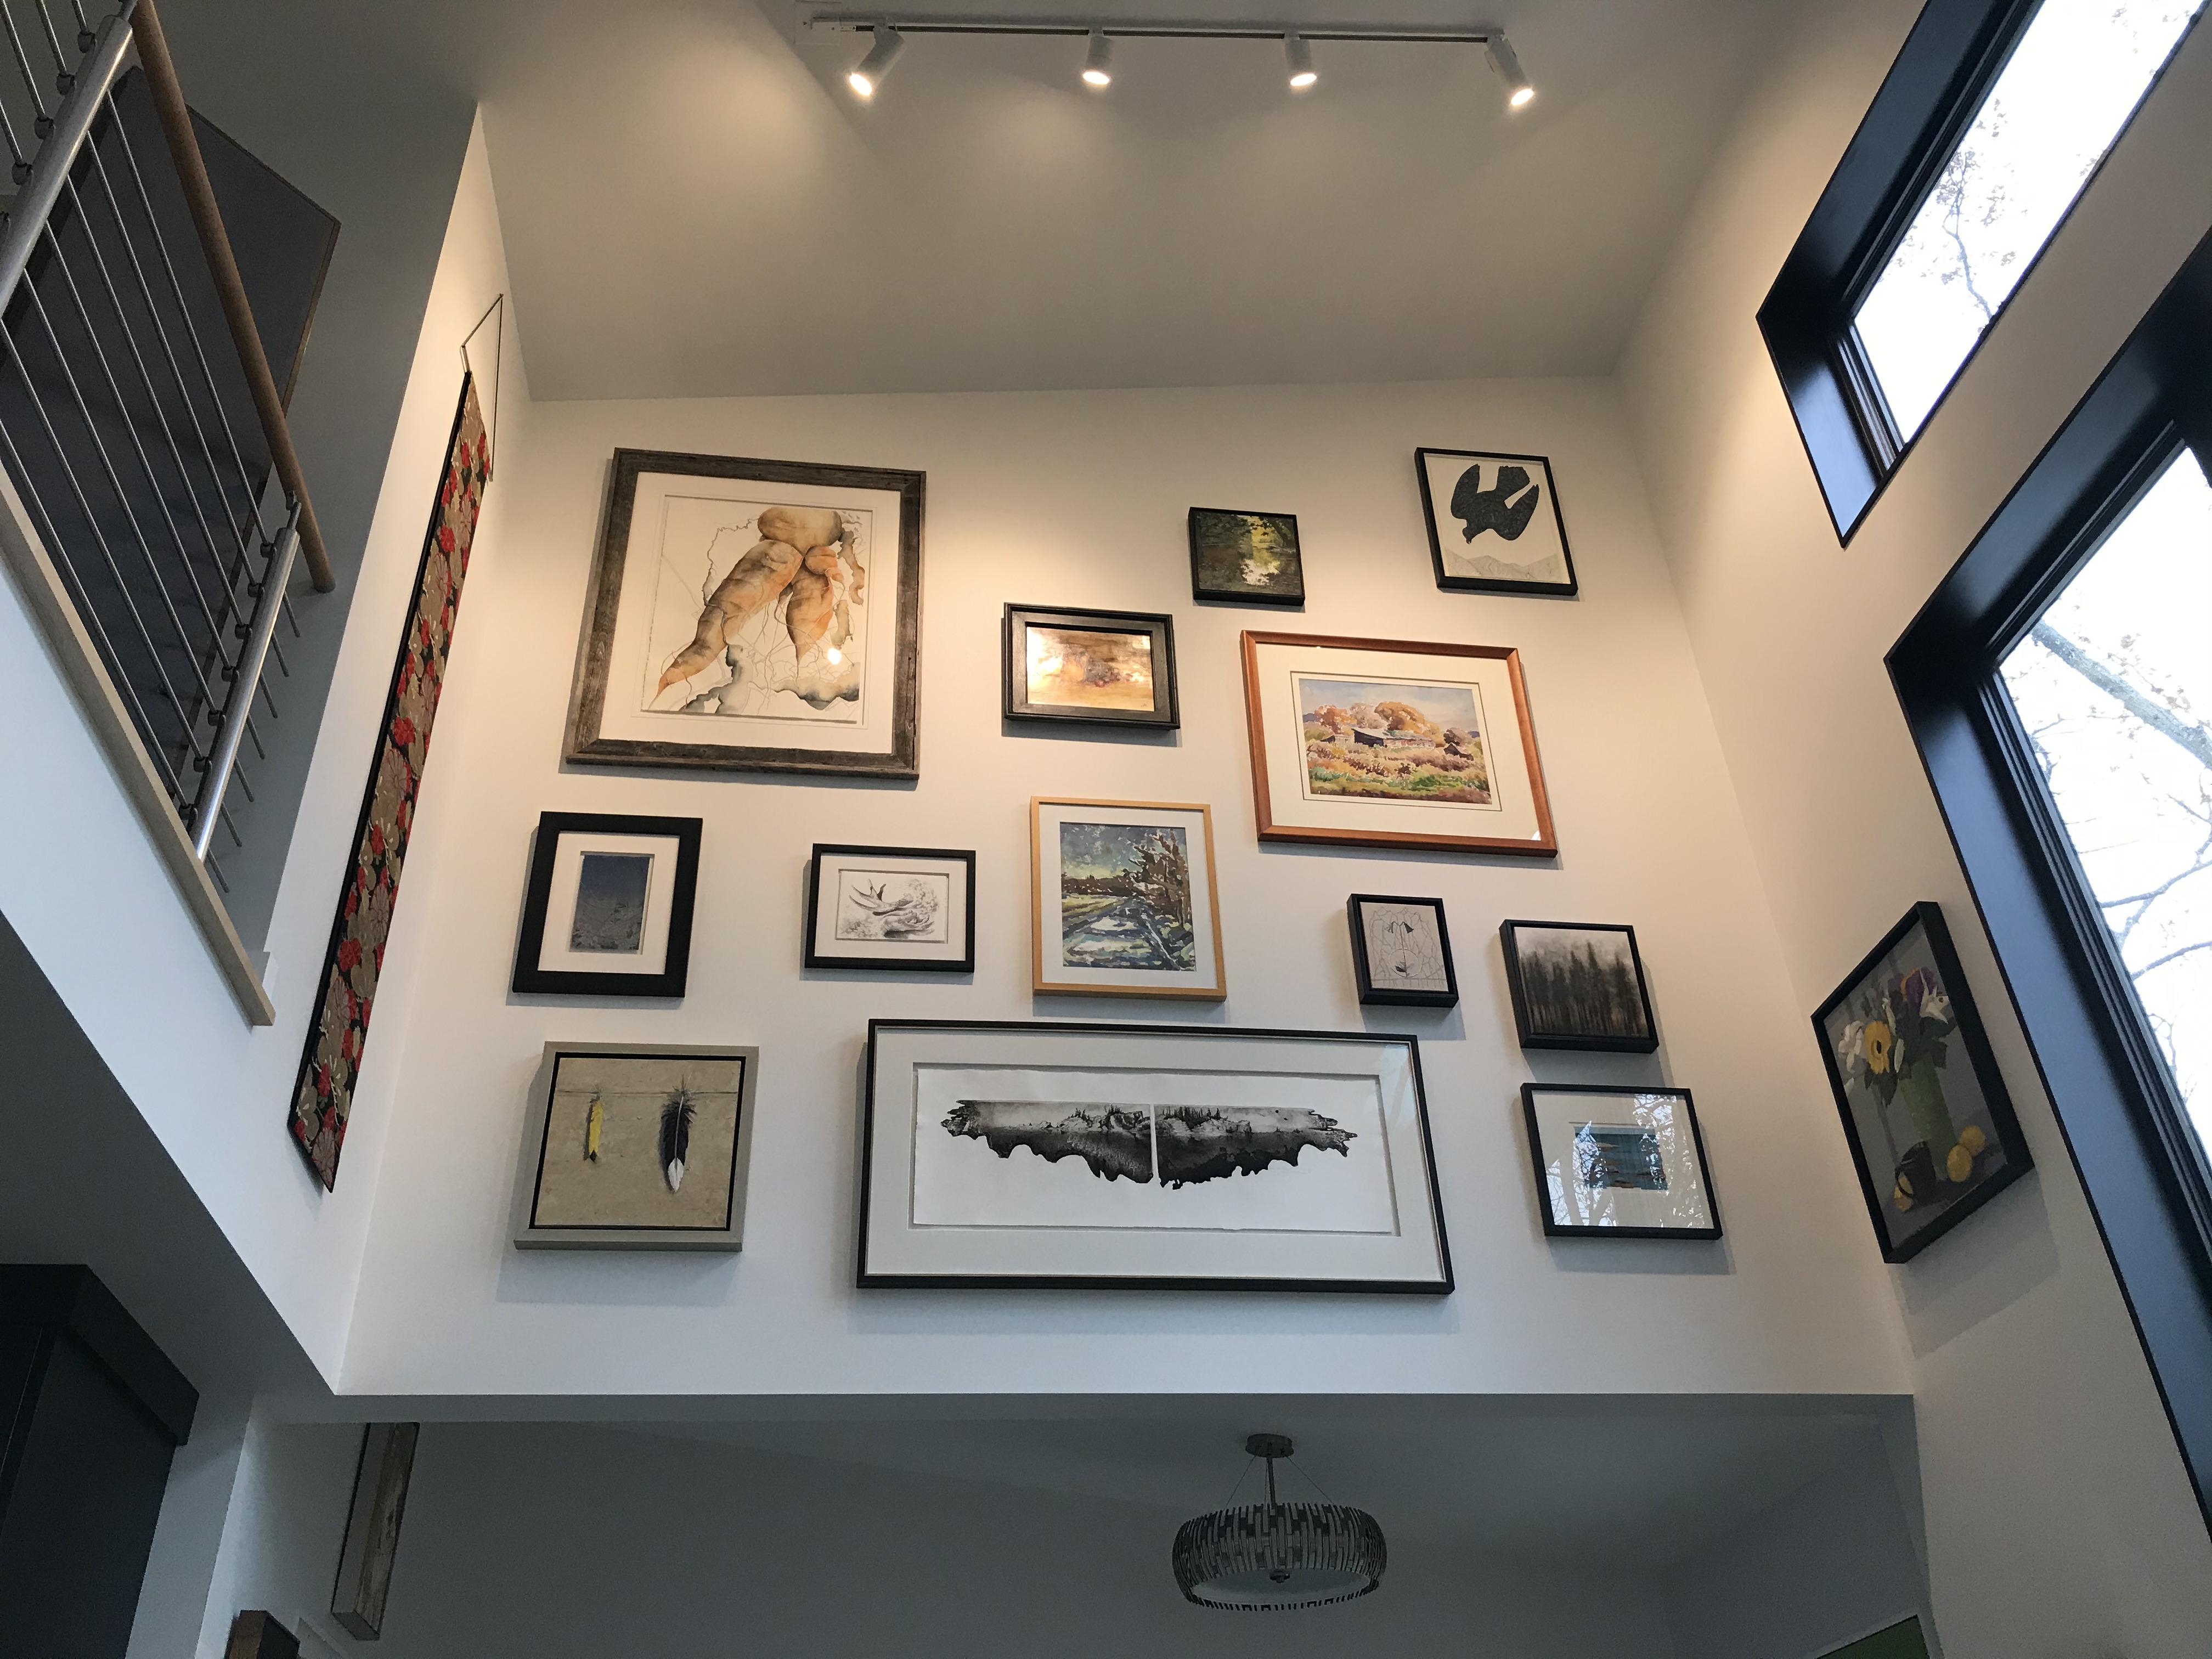 Artwork at Good Hart Artist Residency